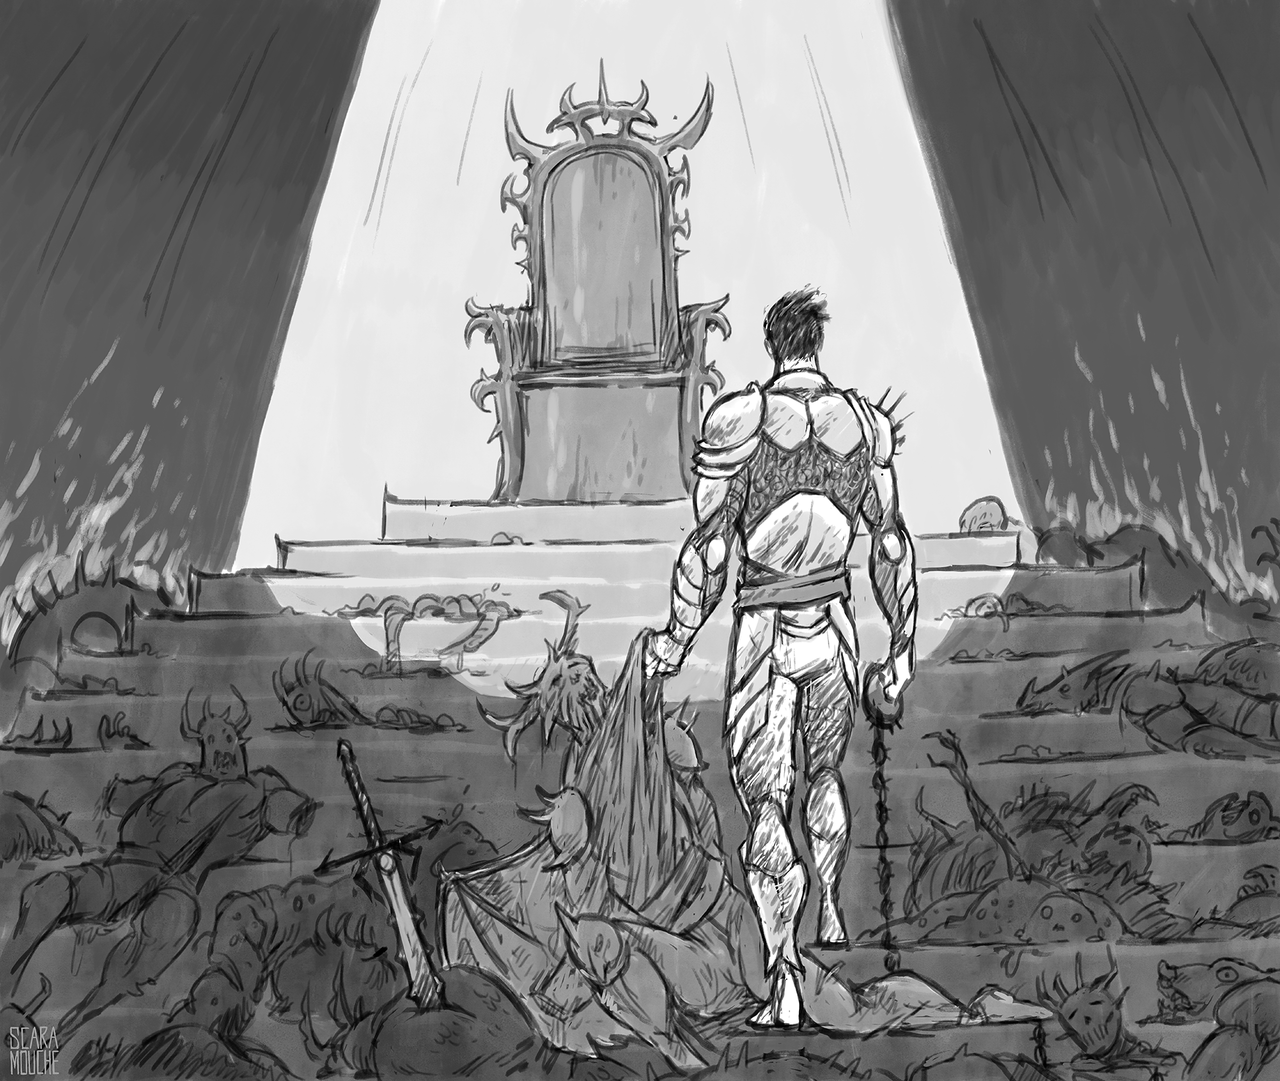 """saintrabouin Scara Mouche """"Tales of the Abyss: Elsar Delnary's throne"""" - by Baptiste (Scara Mouche) saintrabouin.tumblr.com (2018-12) © dell'autore tutti i diritti riservati"""